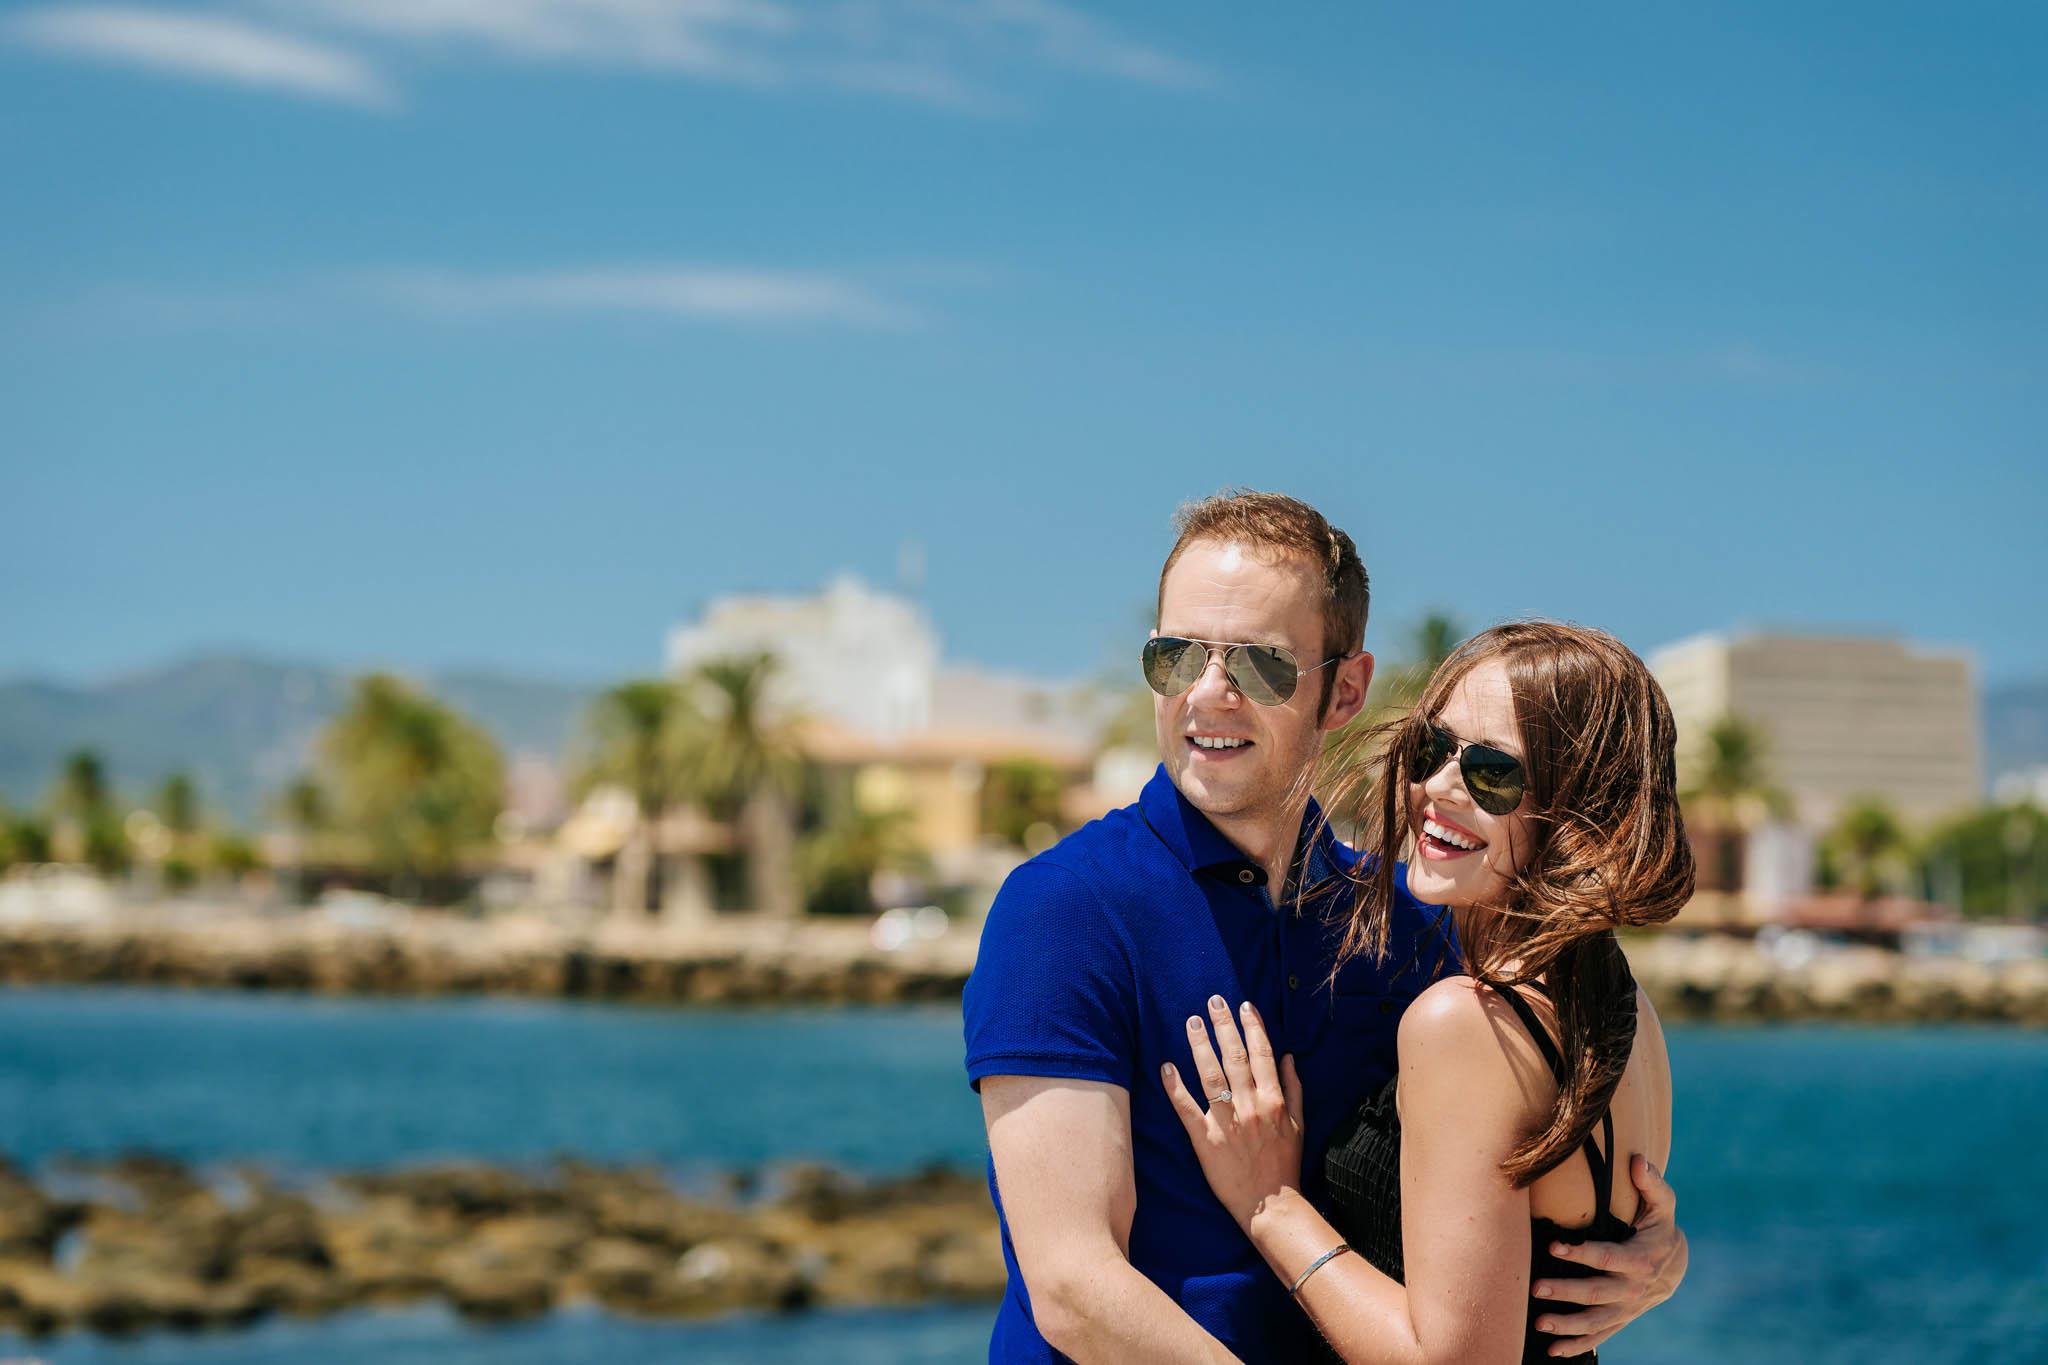 destination-wedding-photography-spain-palma-de-mallorca (142)